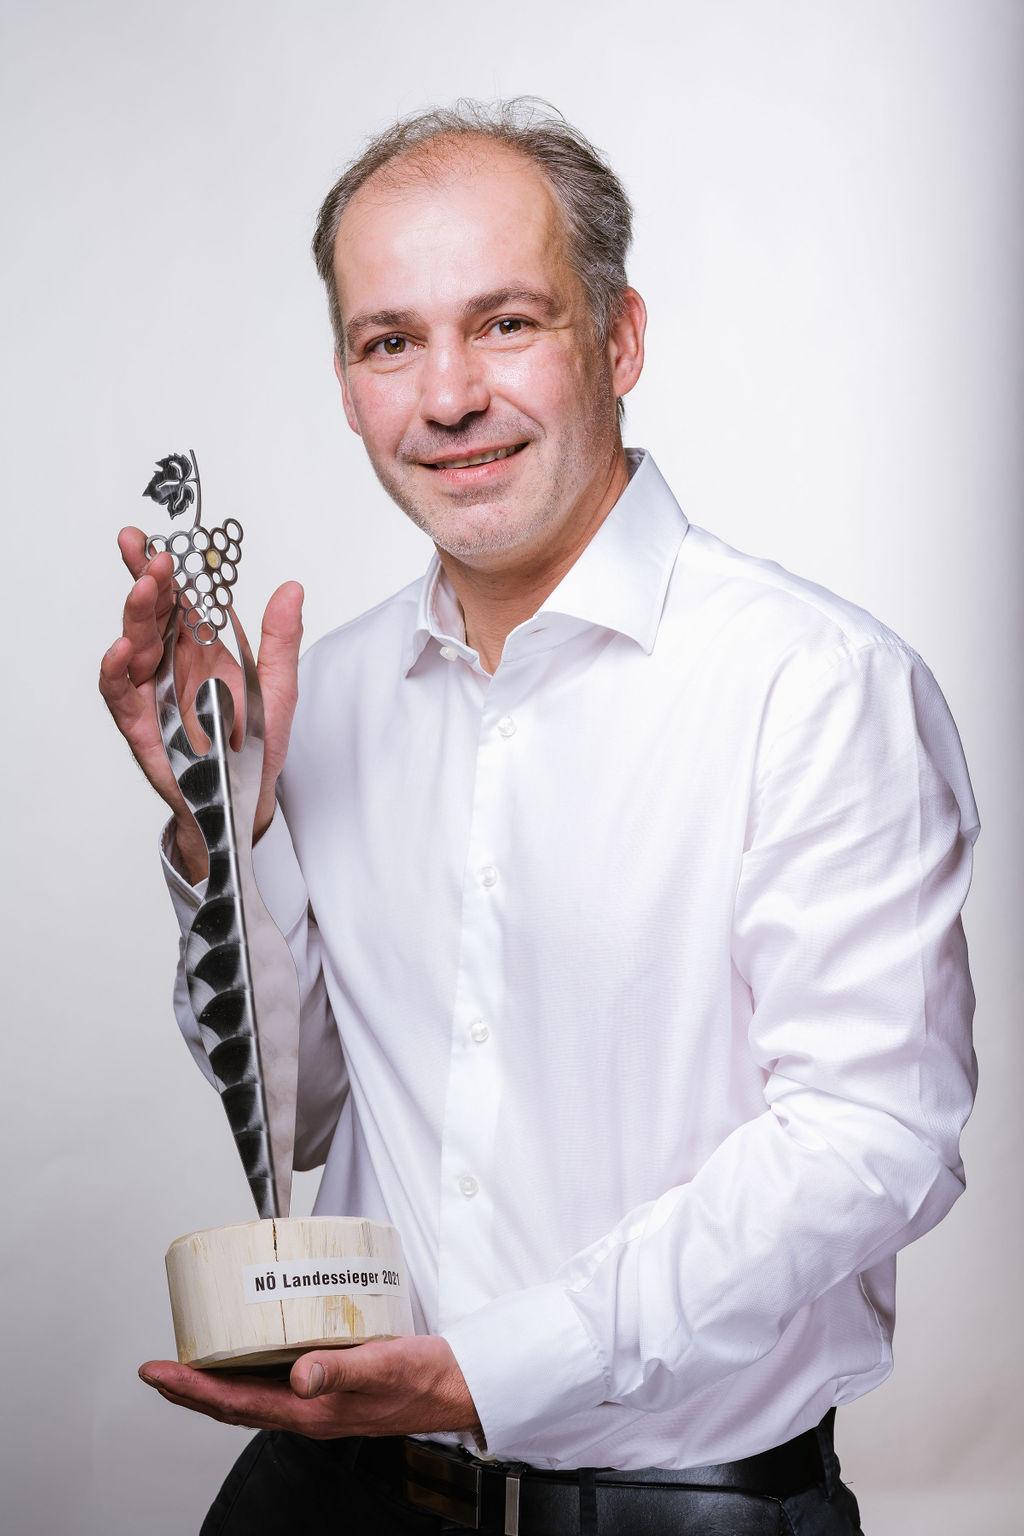 Josef Wannemacher mit Landessiegerstatue